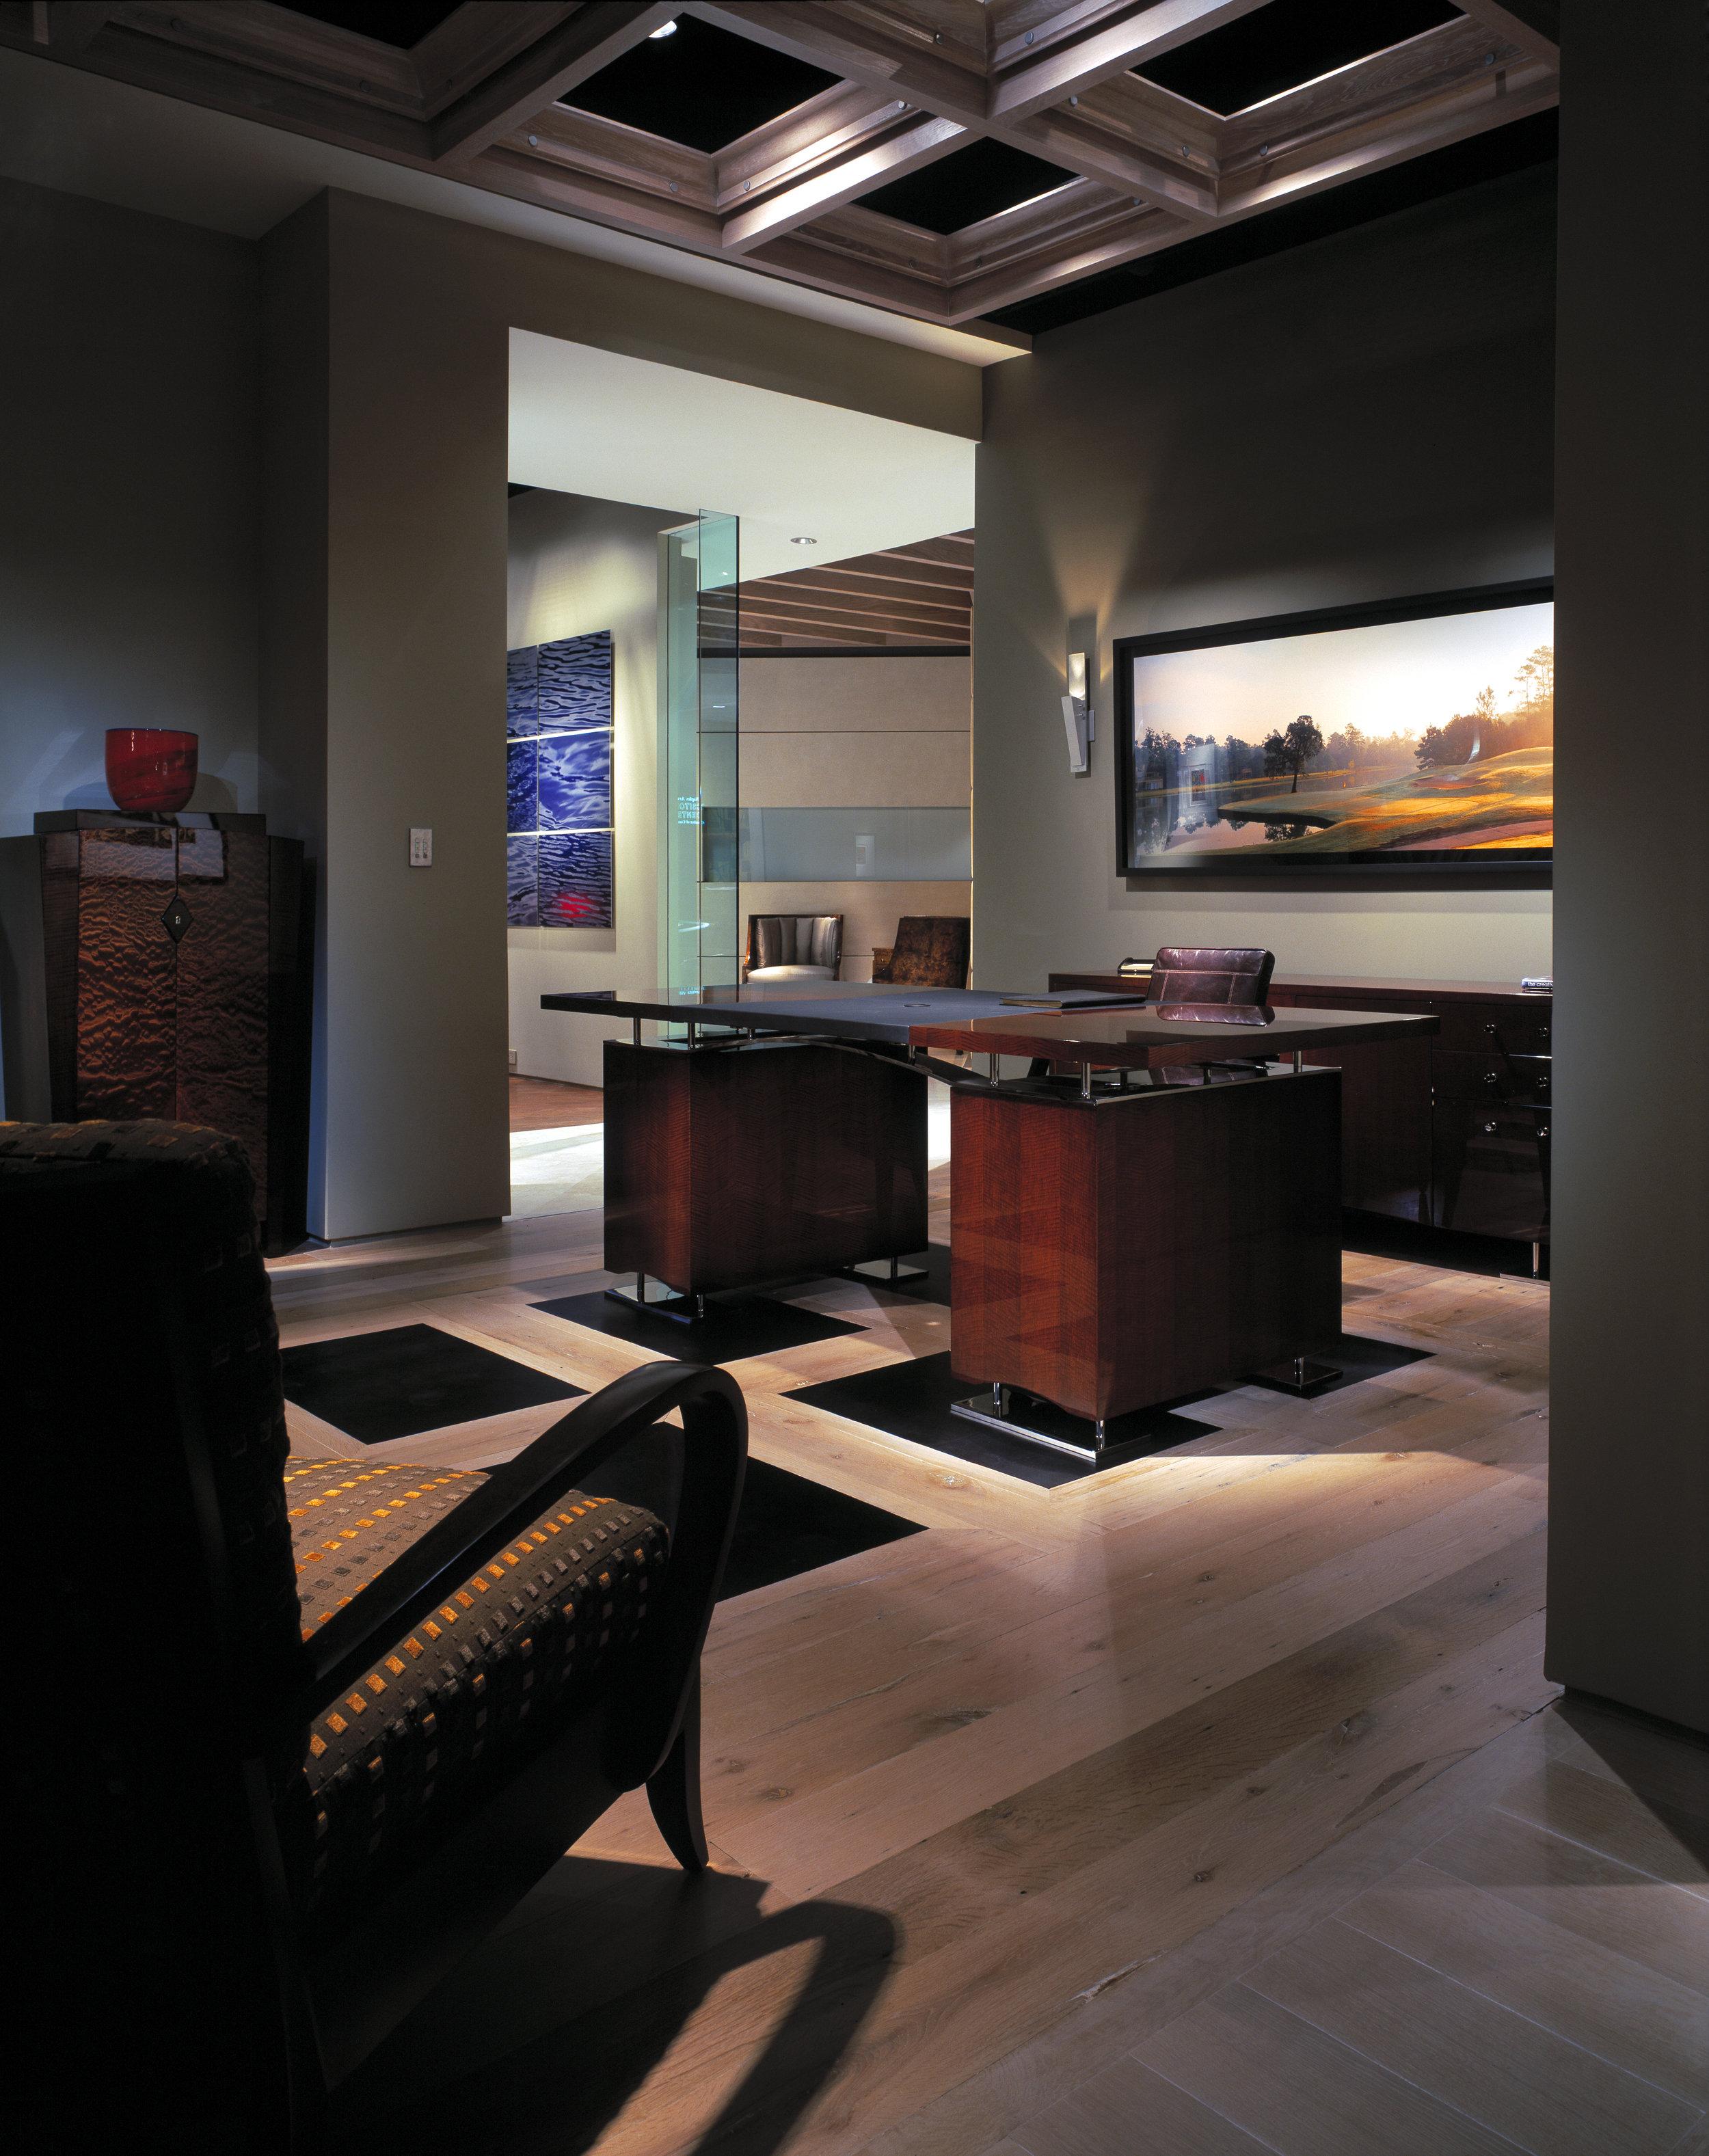 Furniture & Millwork